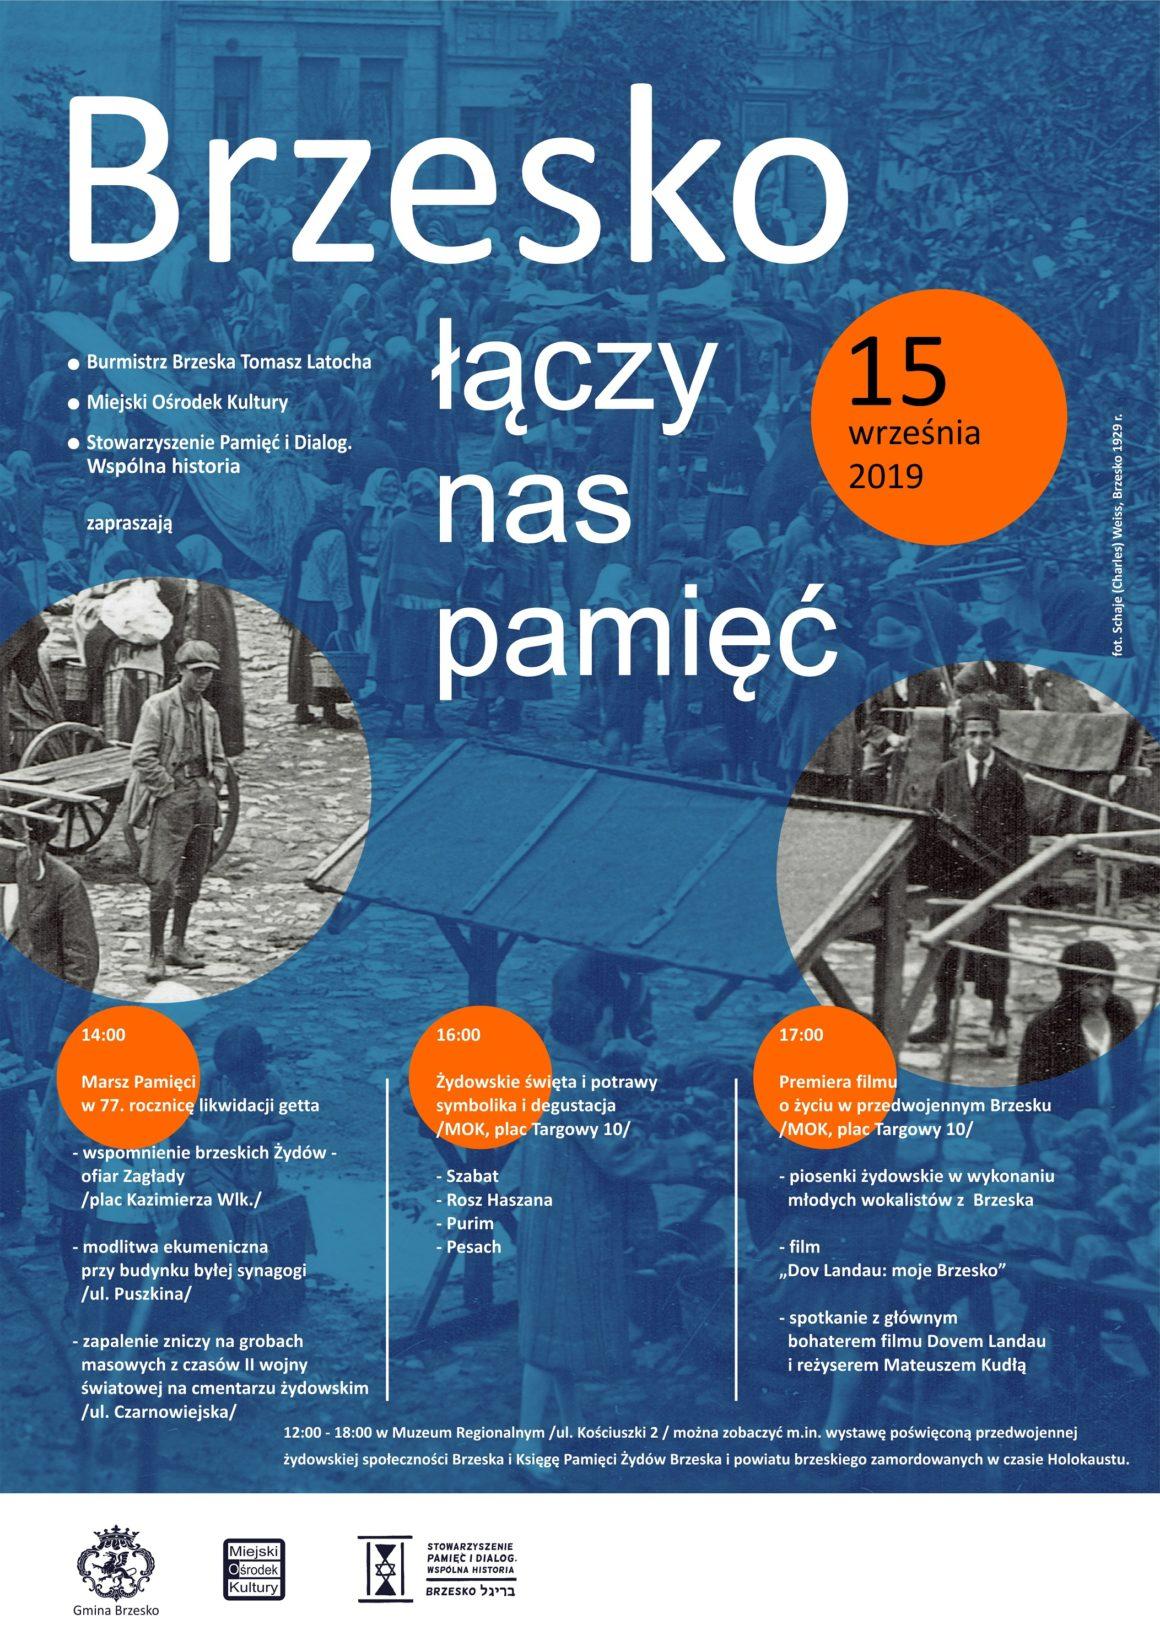 brzesko-laczy-nas-pamiec-1160x1641.jpg